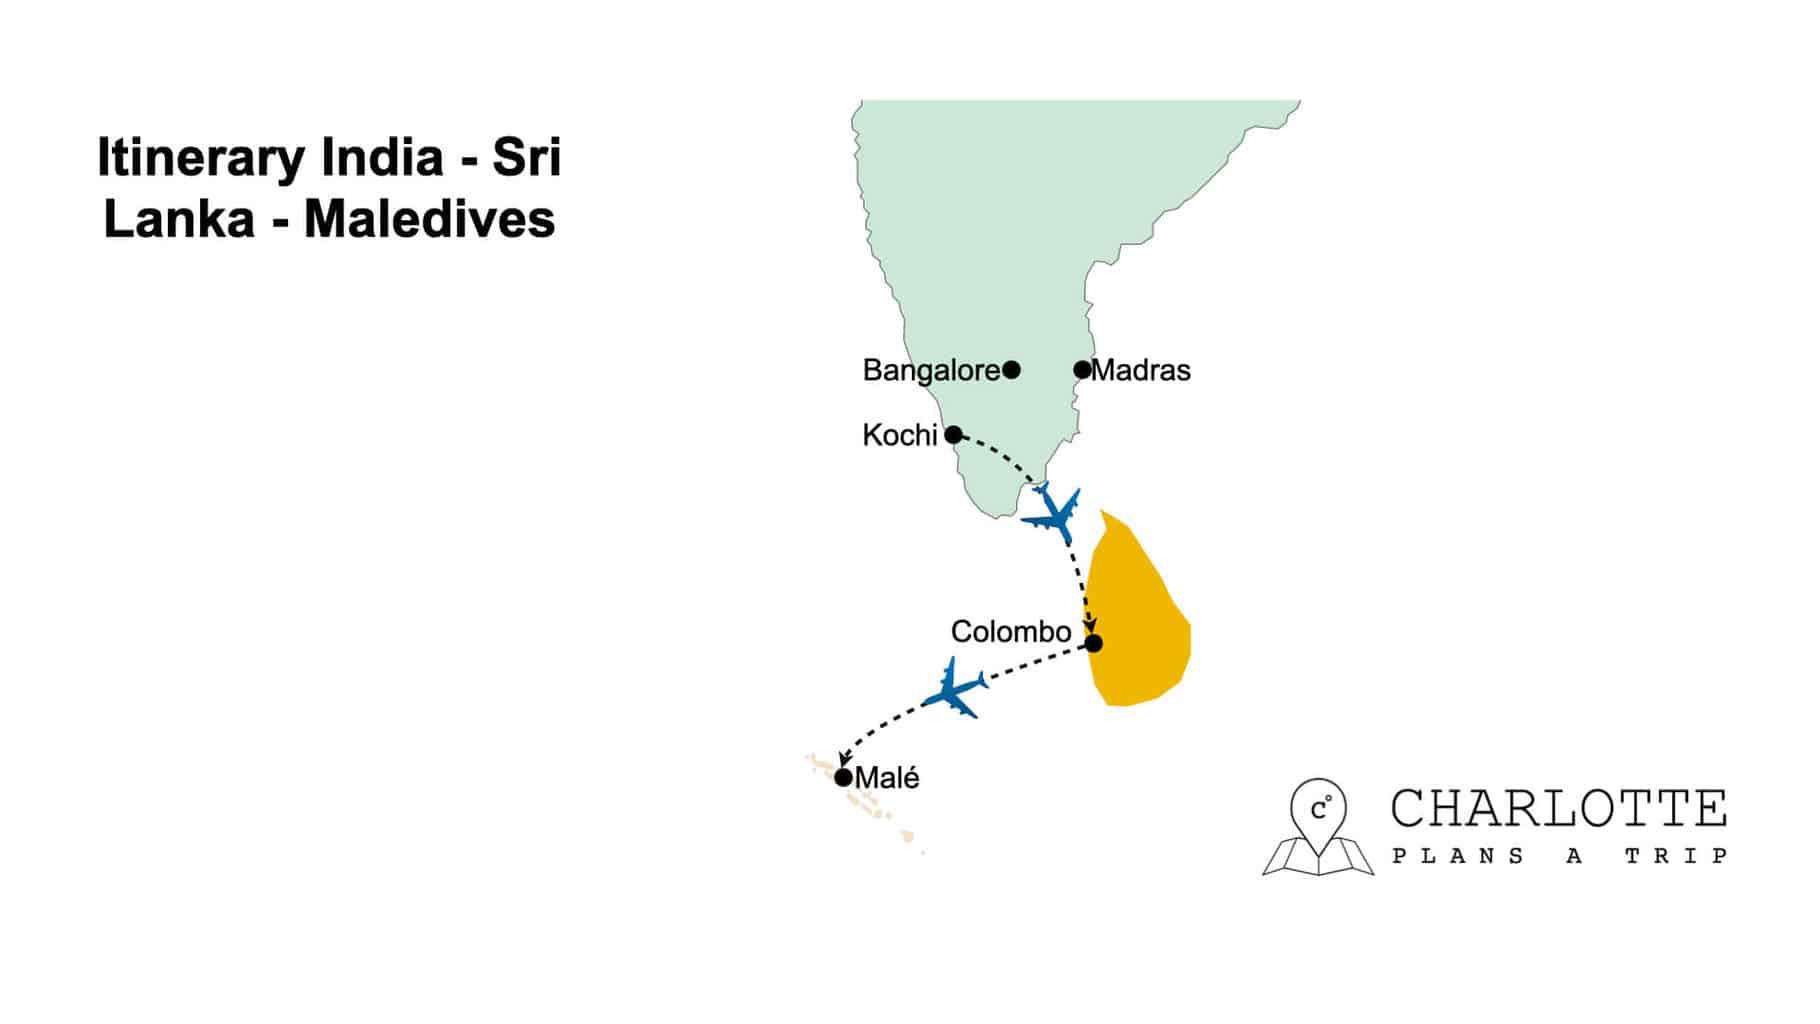 Itinerary Sri Lanka India Maledives